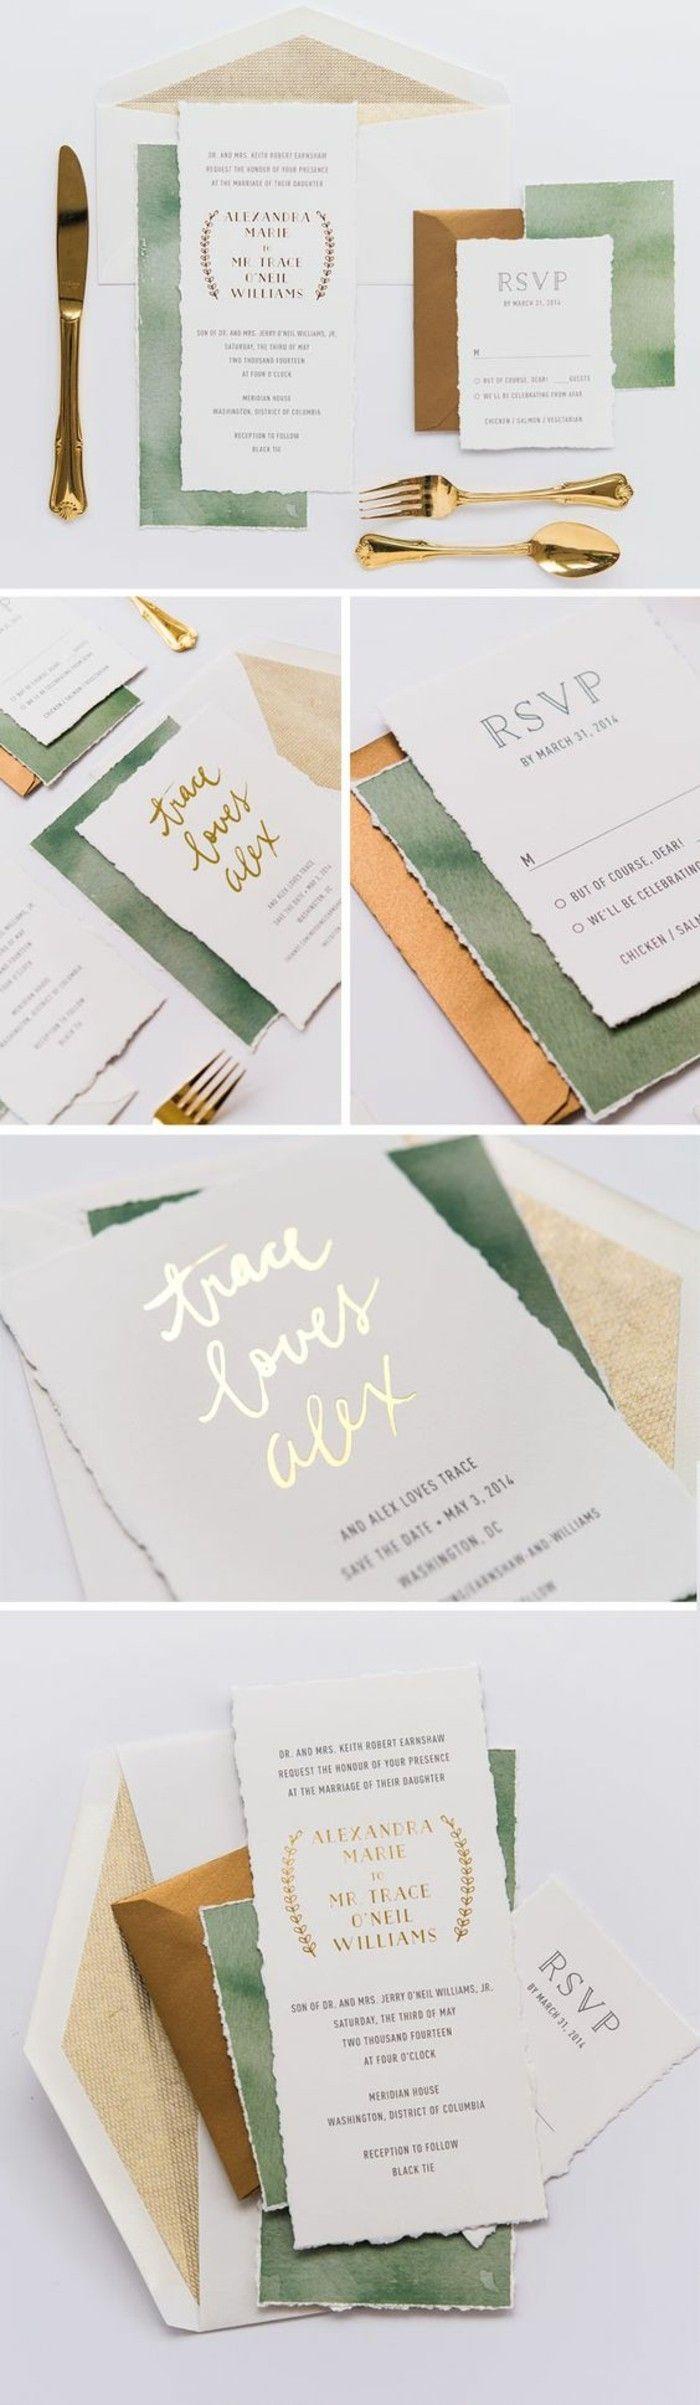 faire-part mariage classy, carte d'invitation mariage en blanc, beige doré et vert